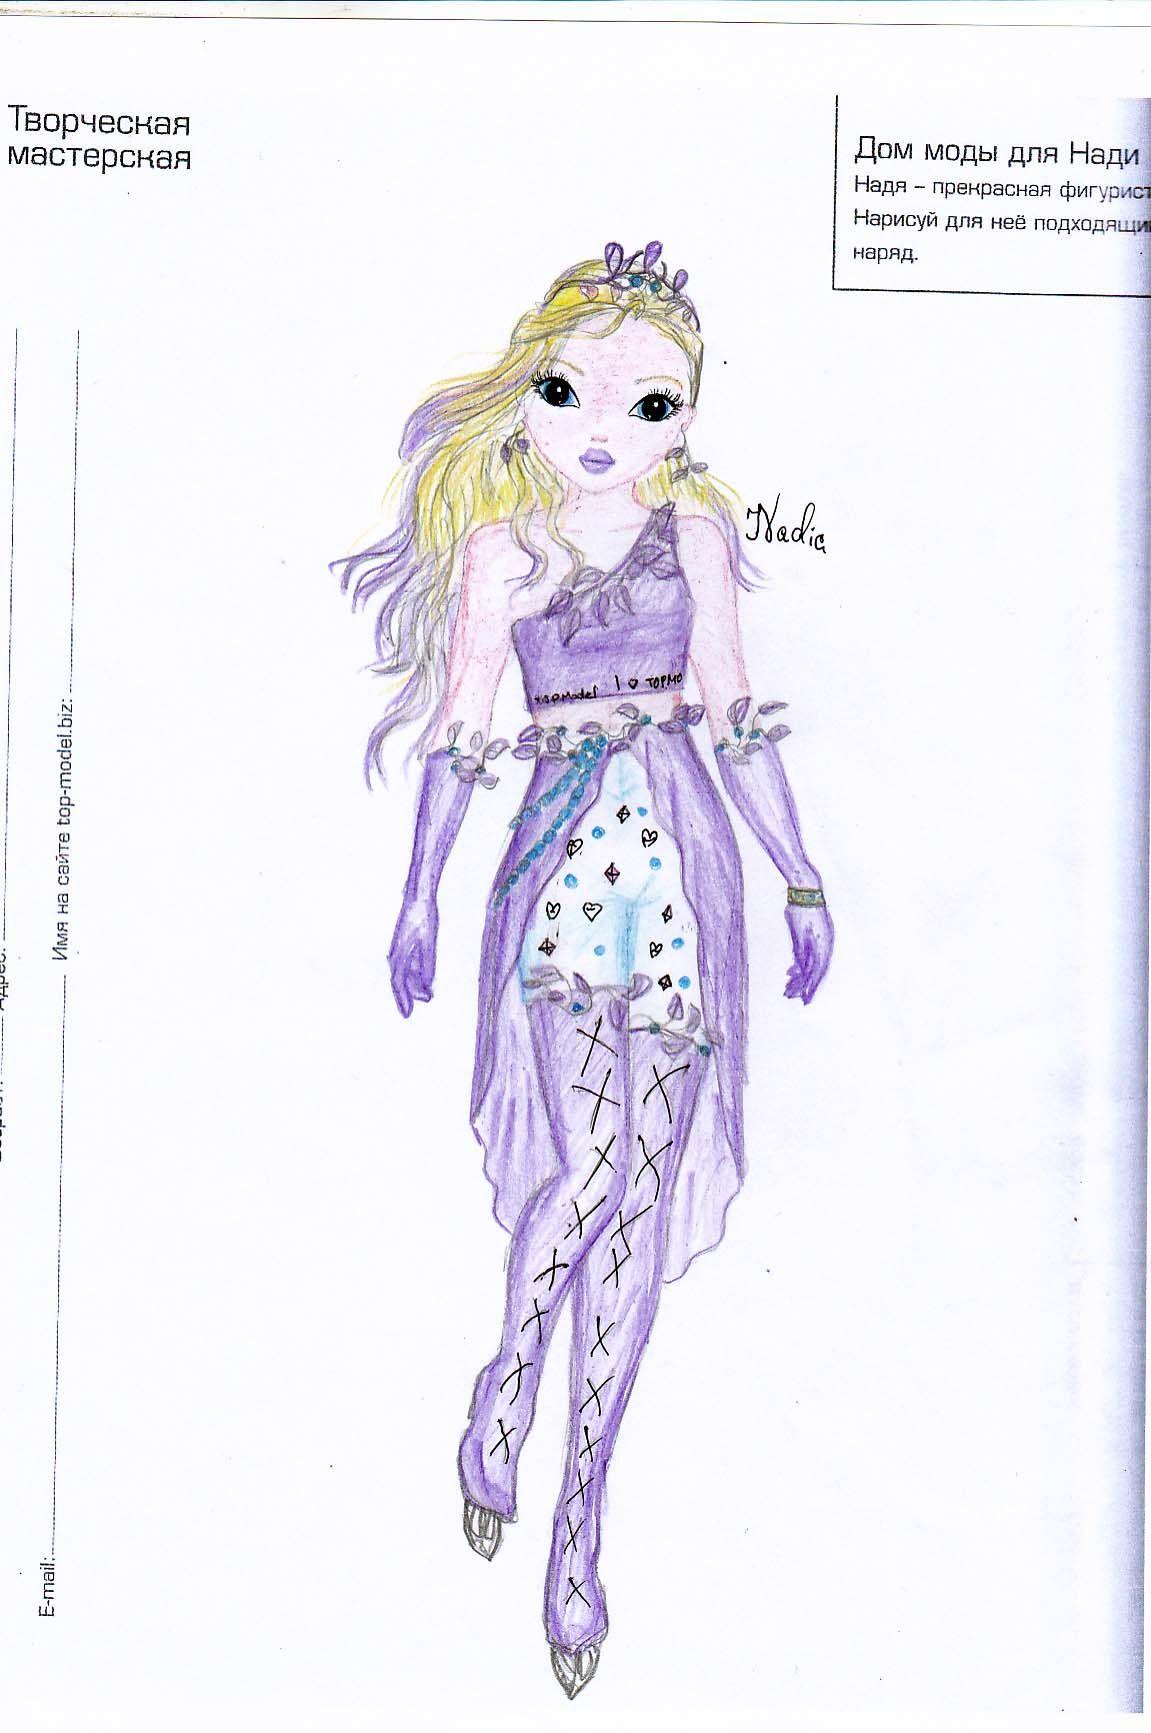 Marina M., 11 years